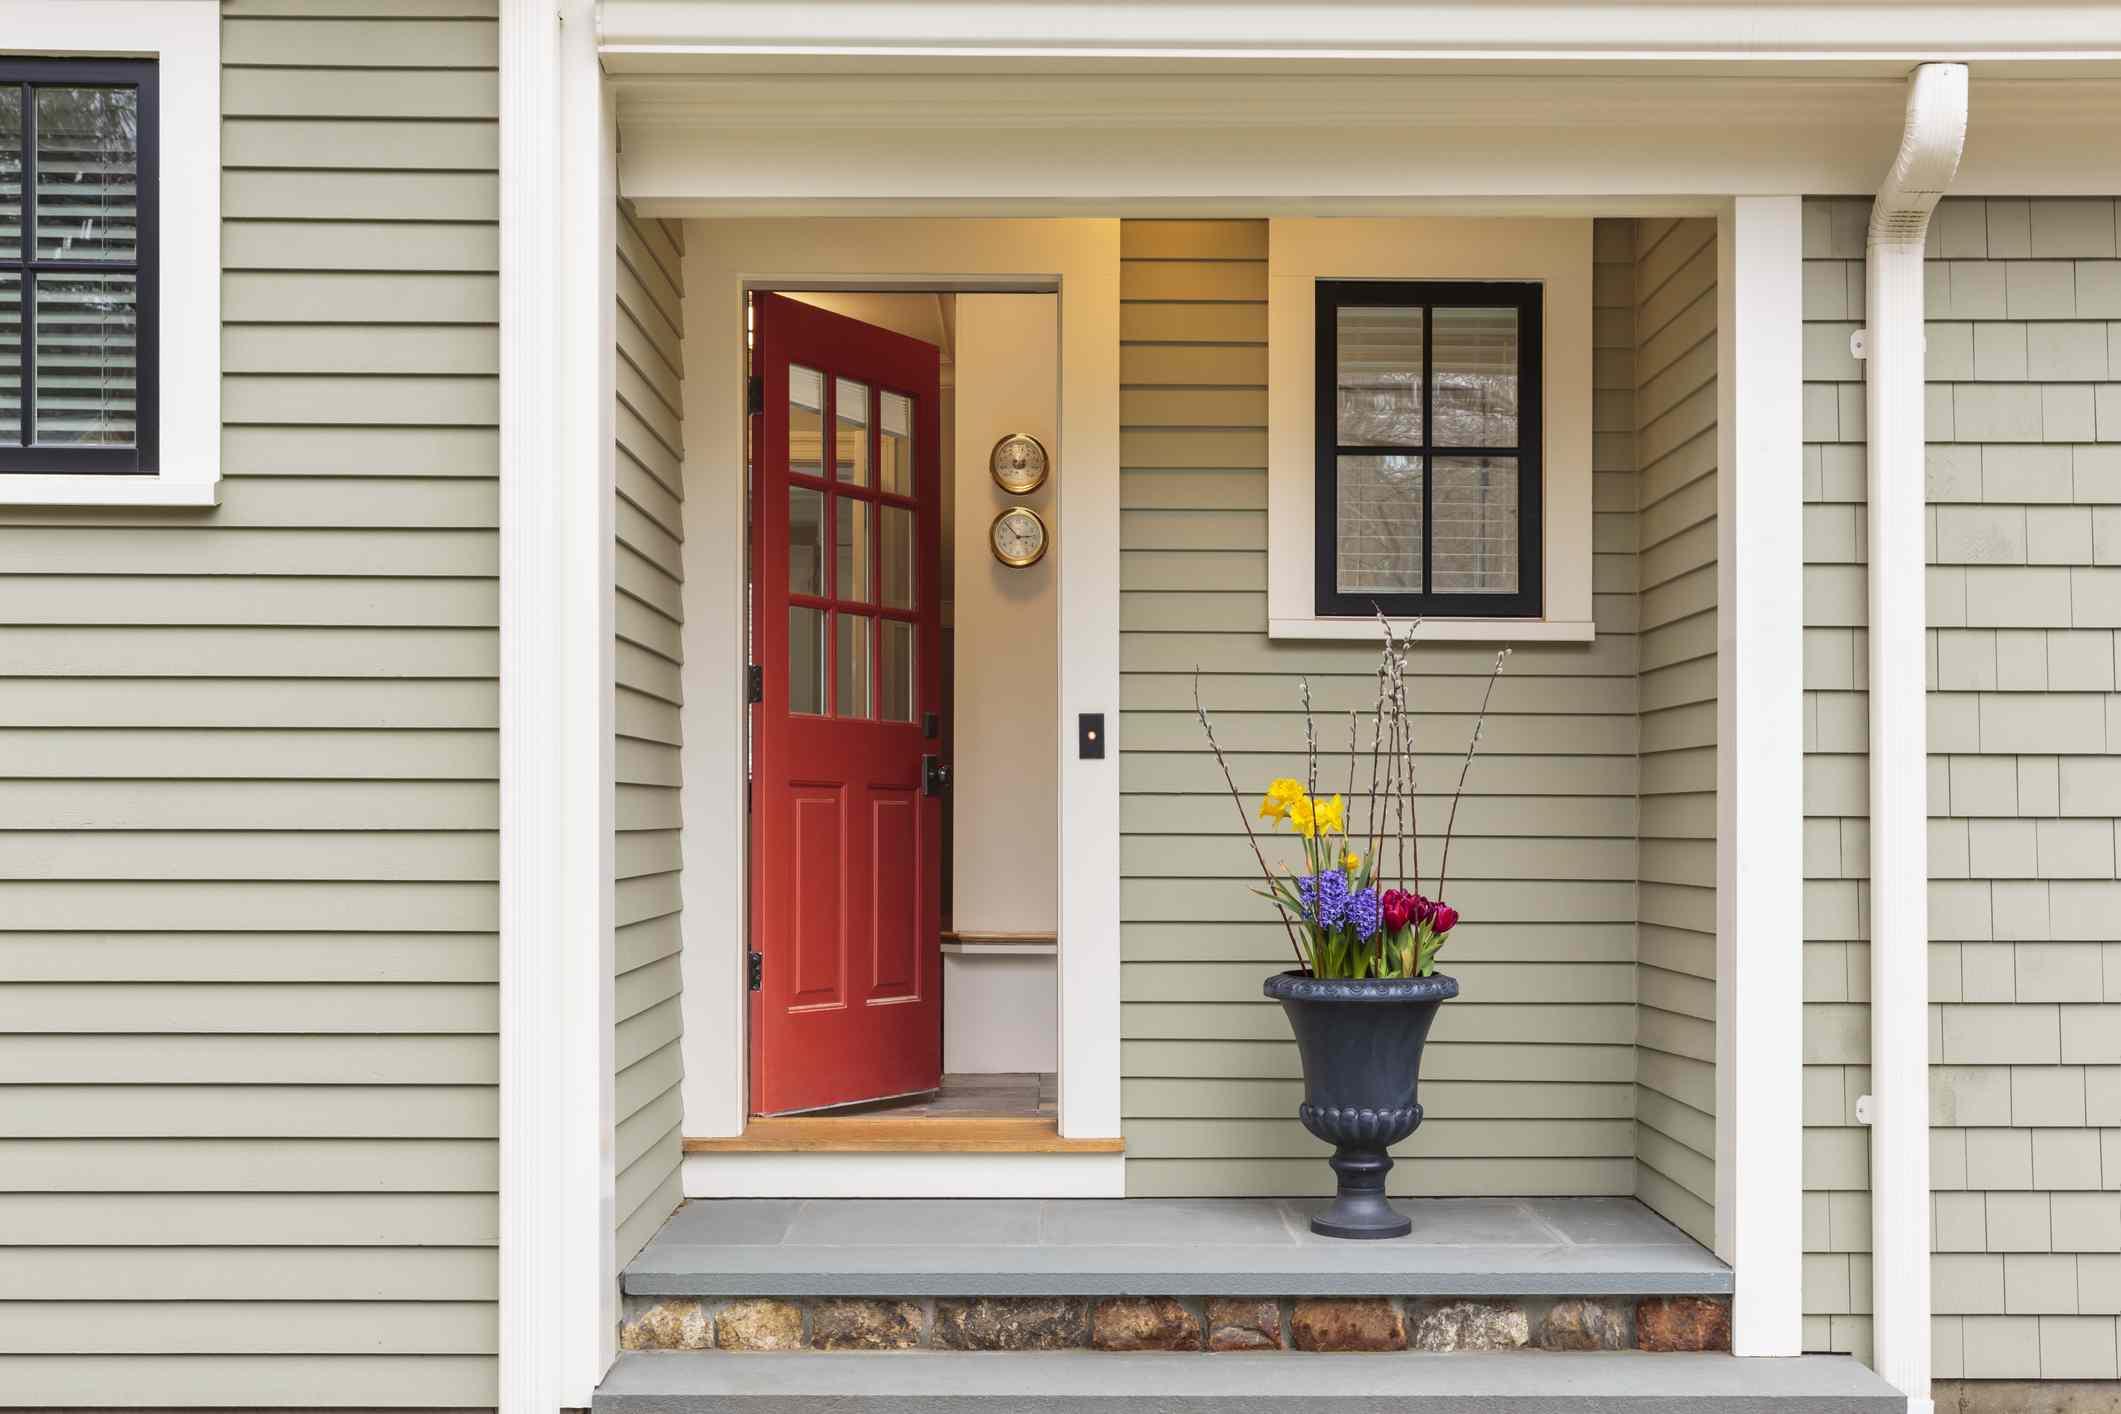 entrada acogedora a una casa con puerta roja y flores